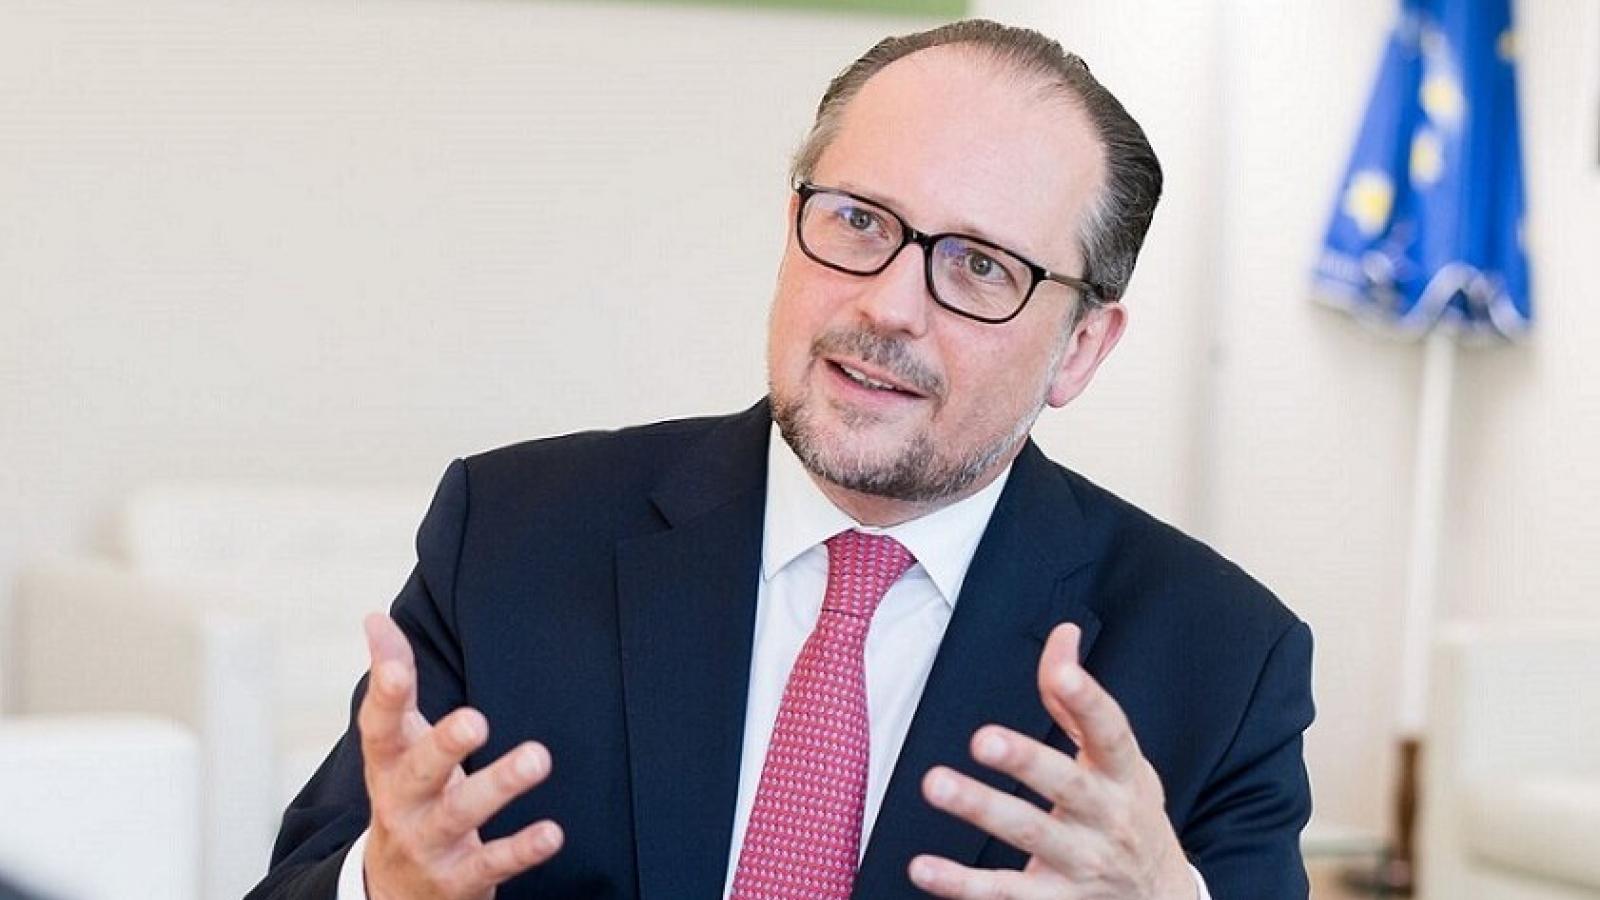 Áo chưa nhận được phản hồi từ Nga trong việc đối thoại với EU